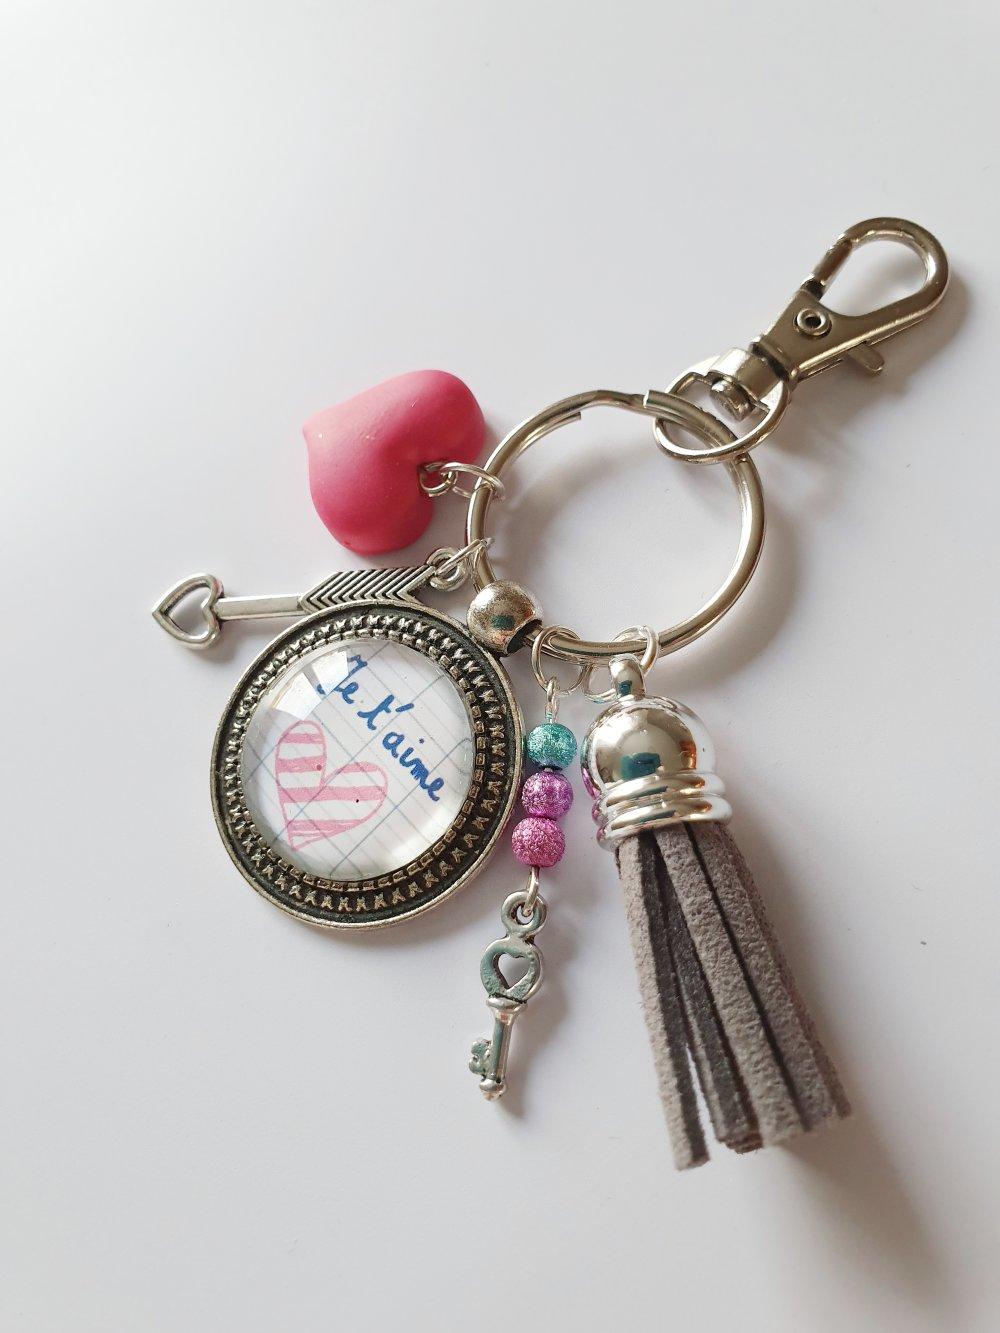 Porte-clef bijou de sac coeur fimo pompon JE T'AIME Idée cadeau SAINT Valentin amour homme femme